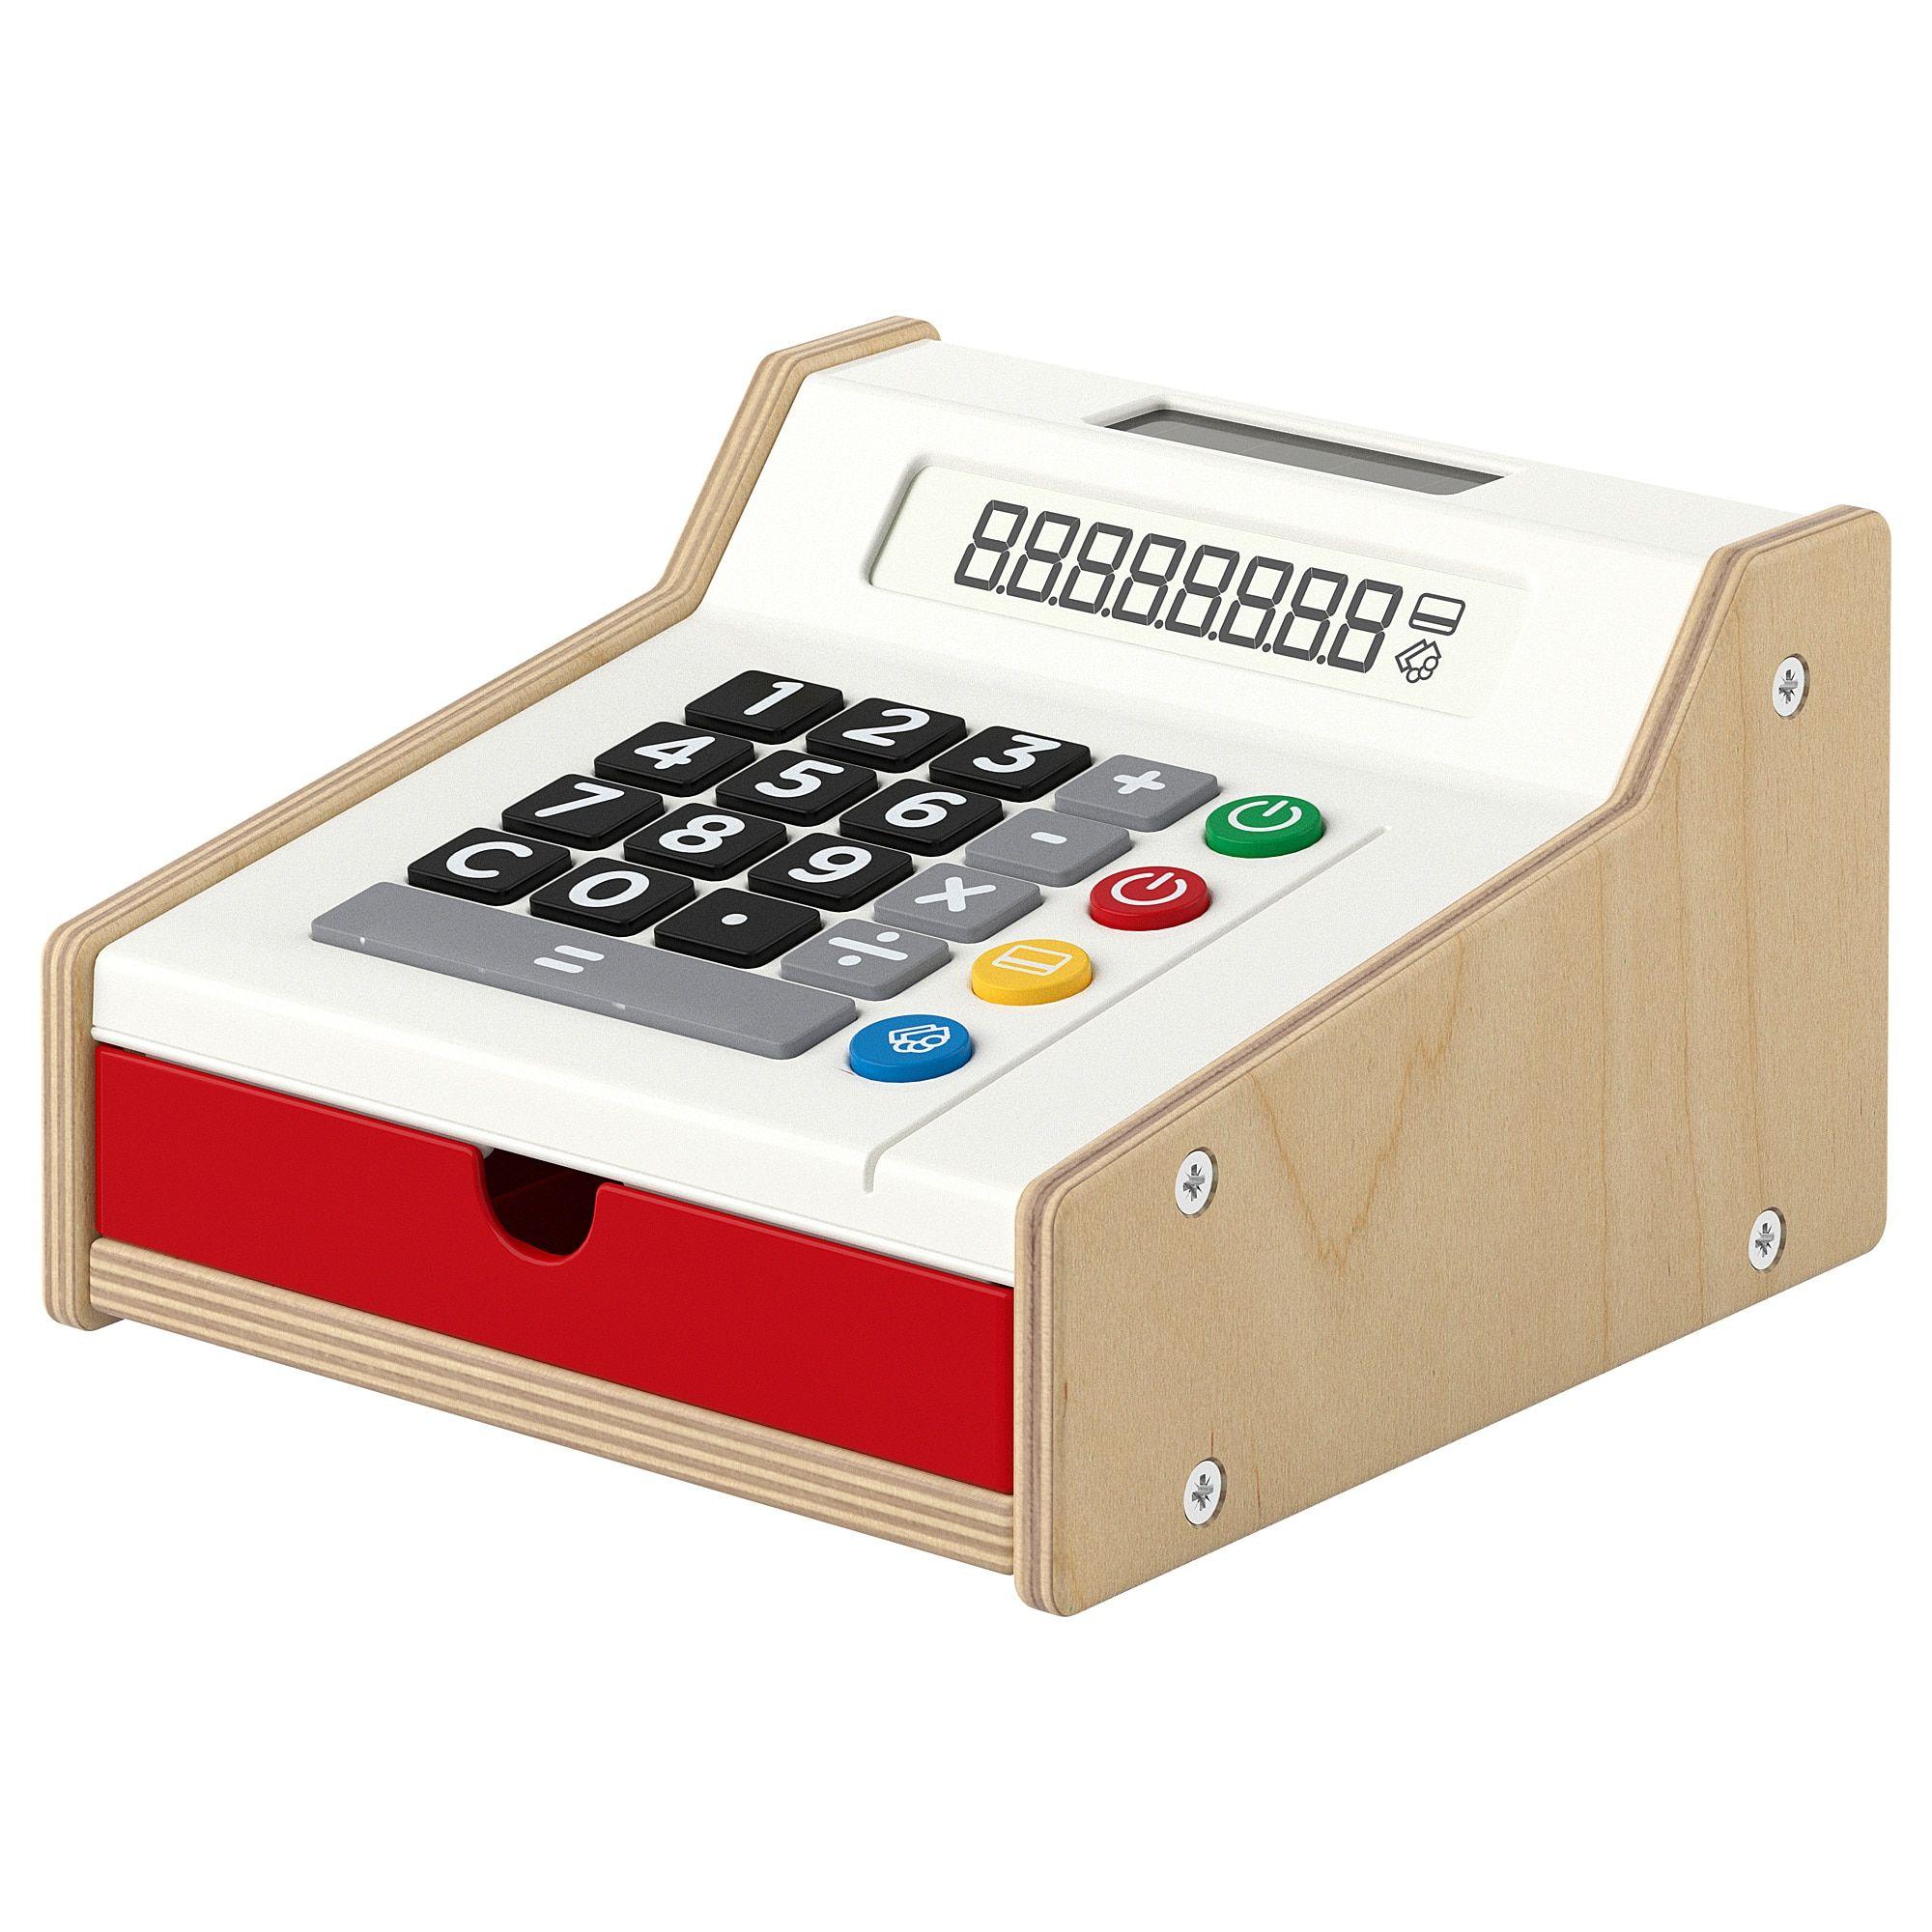 DUKTIG, Toy cash register IKEA in 2020 Toy cash